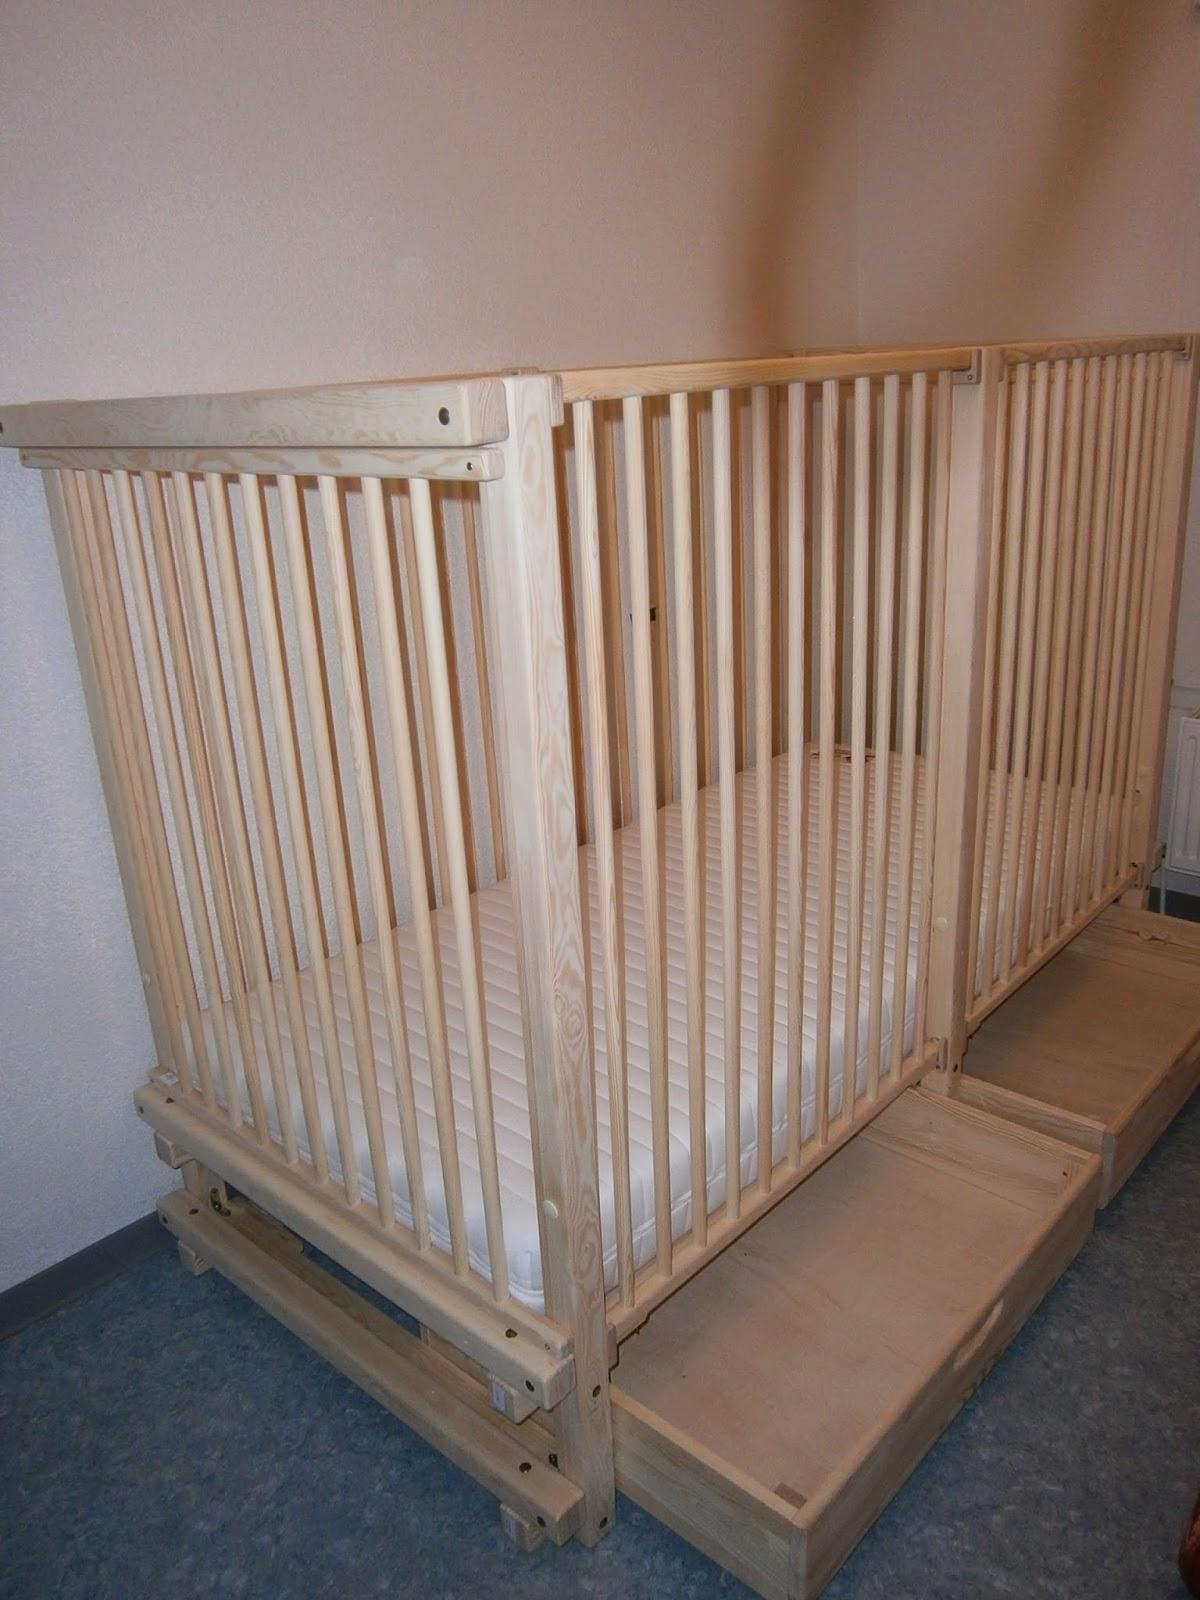 lit barreau adulte. Black Bedroom Furniture Sets. Home Design Ideas